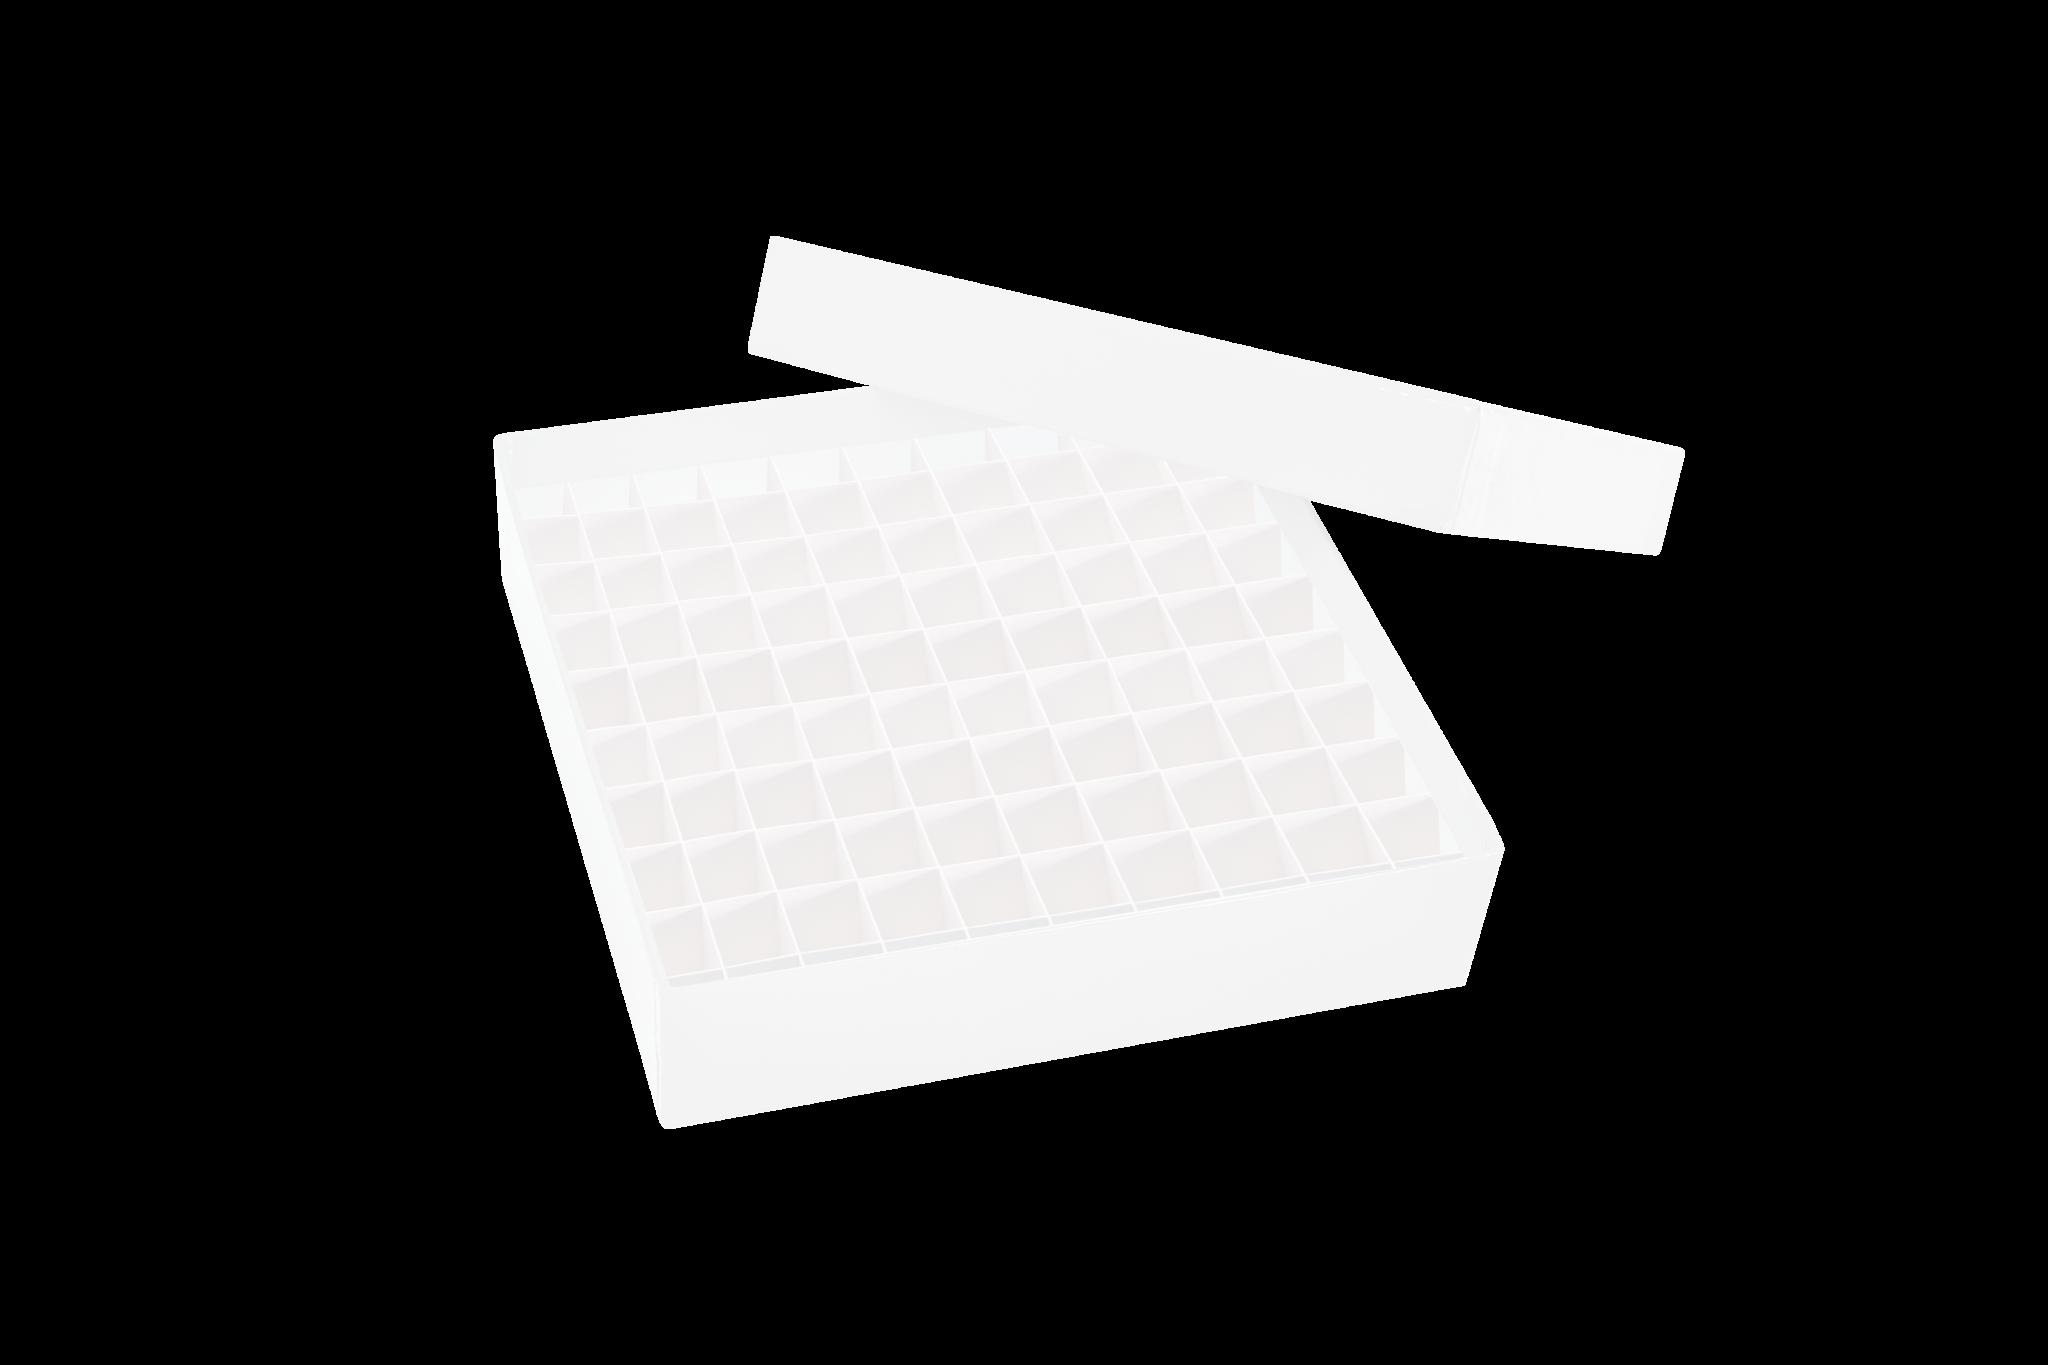 cryobox 10x10, cryovial storage, cryovial rack, cryovial racks, cryogenic vial storage boxes, cryogenic vial storage box, cryobox size